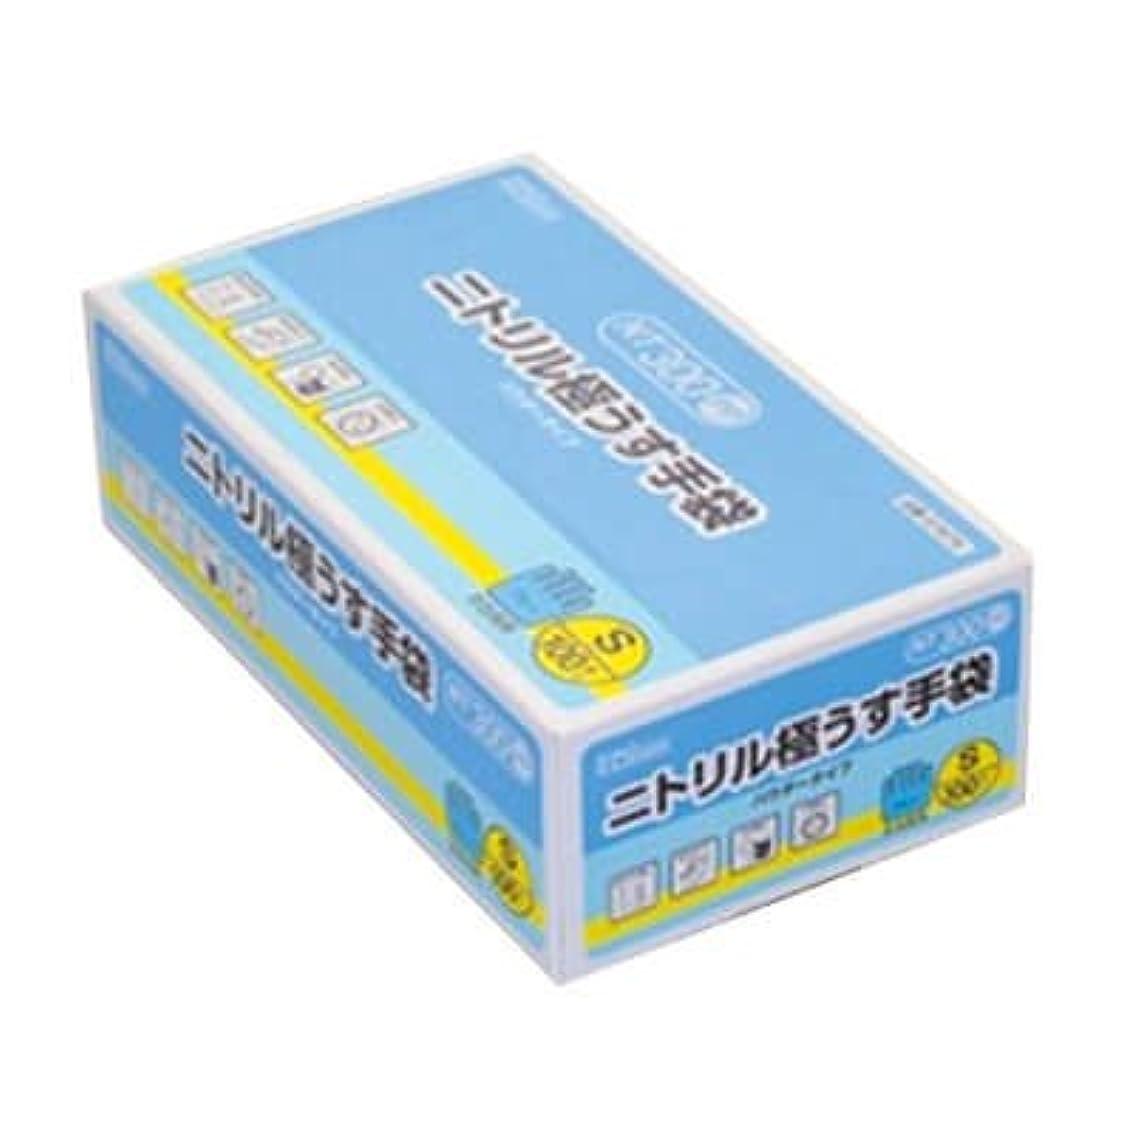 重さ物足りないポジション【ケース販売】 ダンロップ ニトリル極うす手袋 粉付 S ブルー NT-300 (100枚入×20箱)